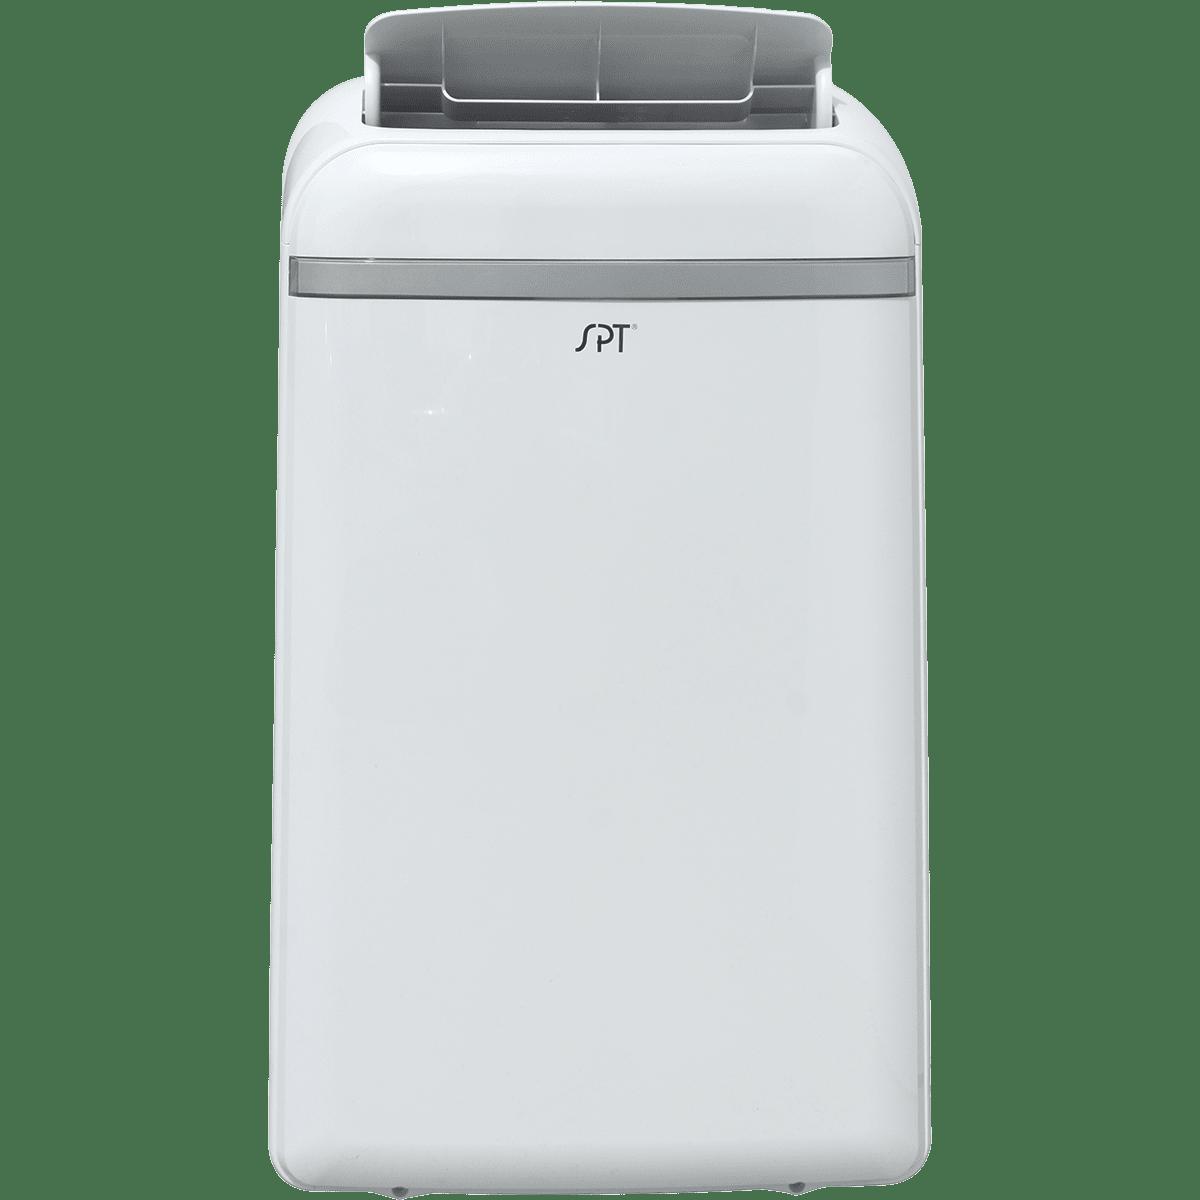 Spac8006 Simplicity 8000 Btu Portable Air Conditioner En